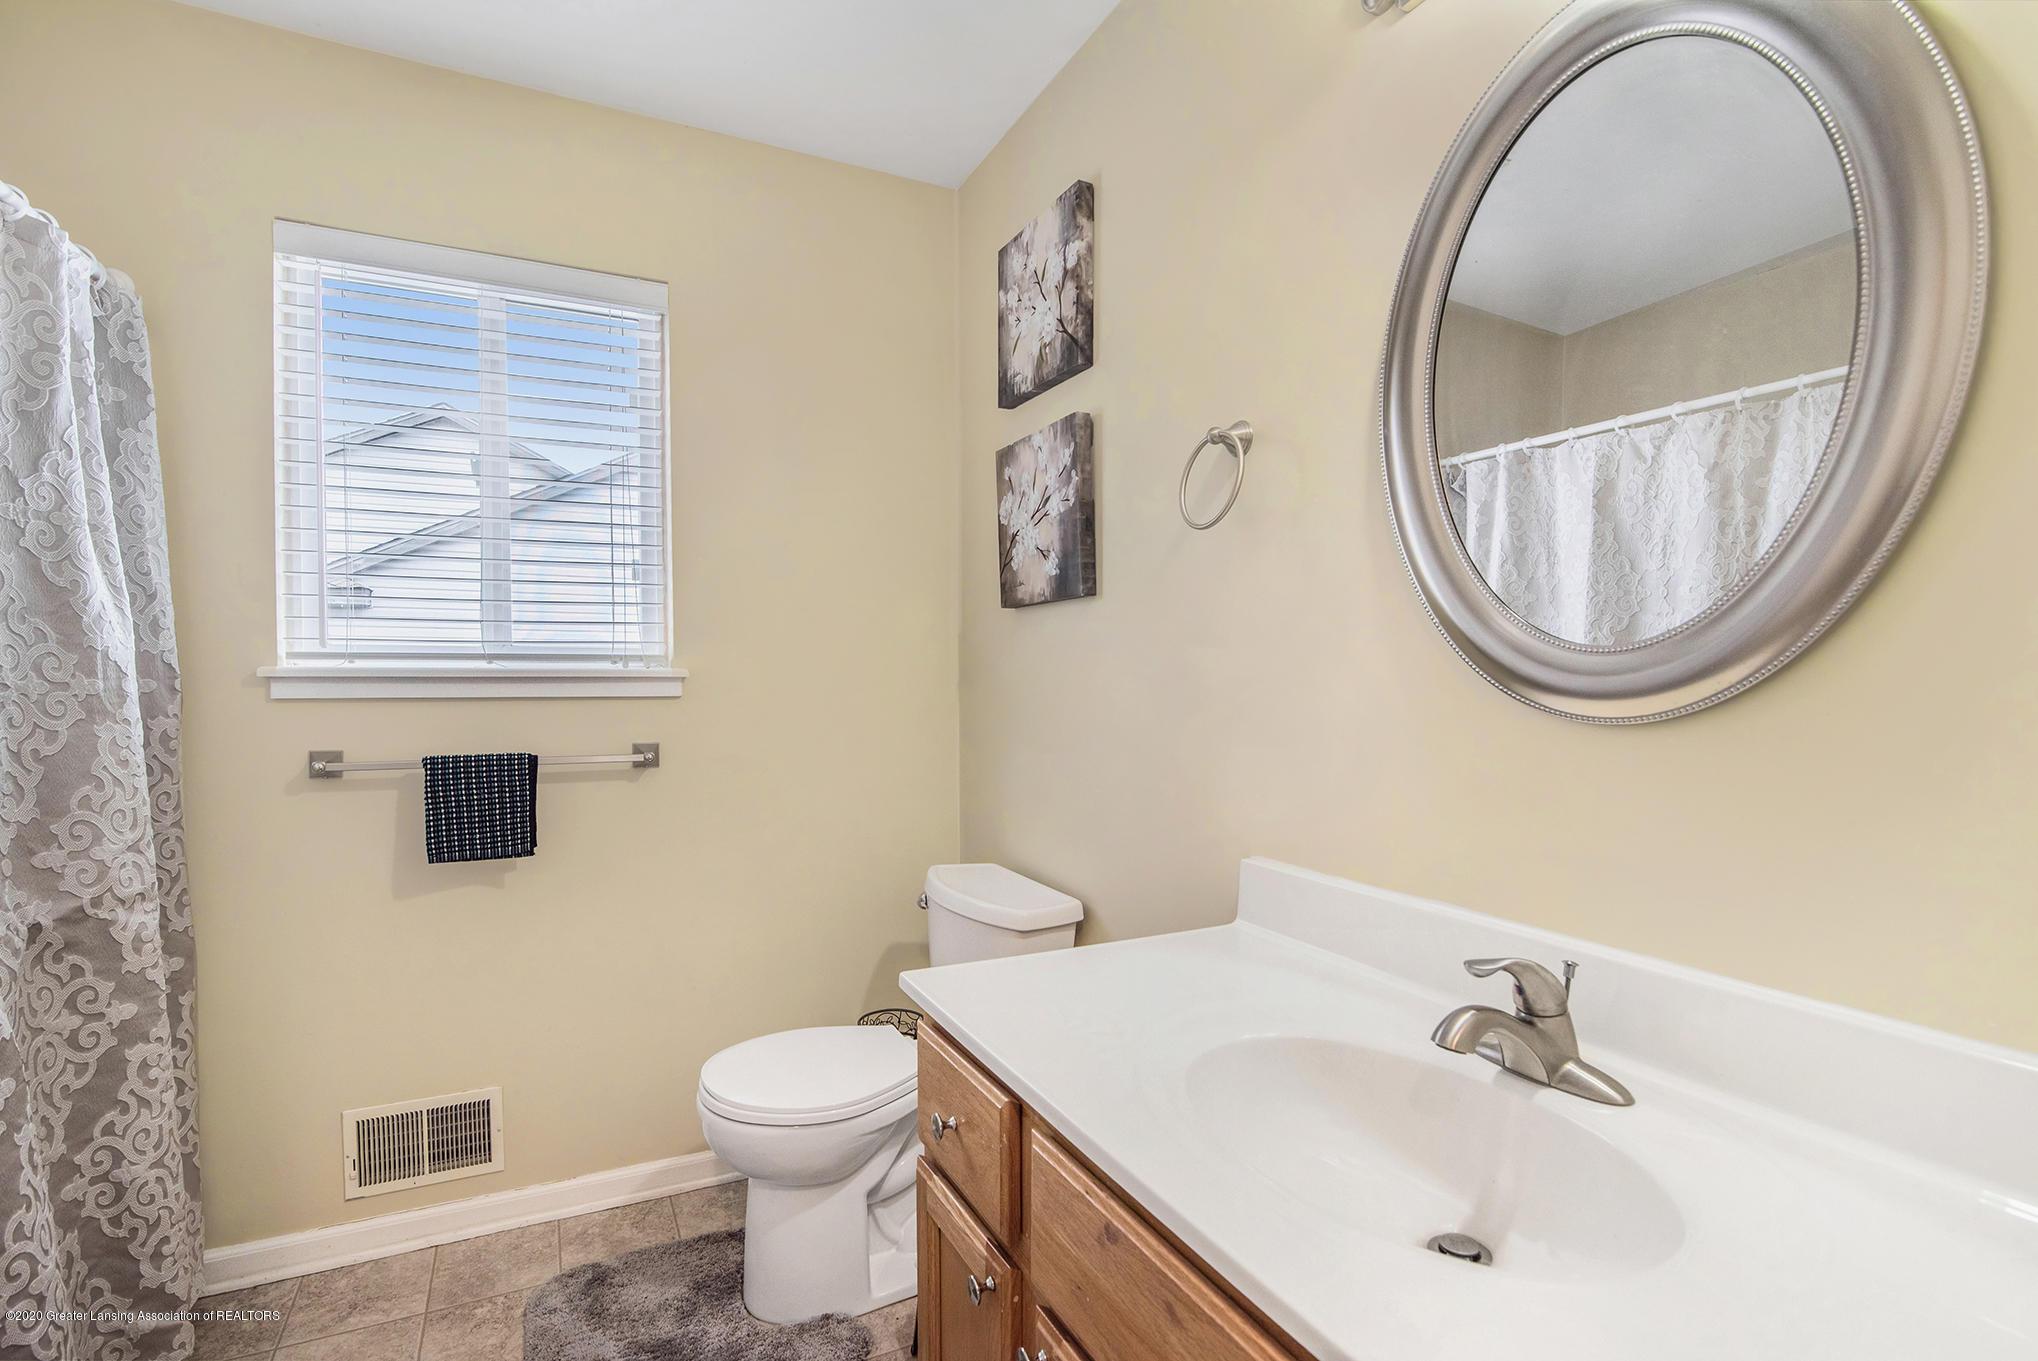 1253 Sumac Ln - Bathroom - 18